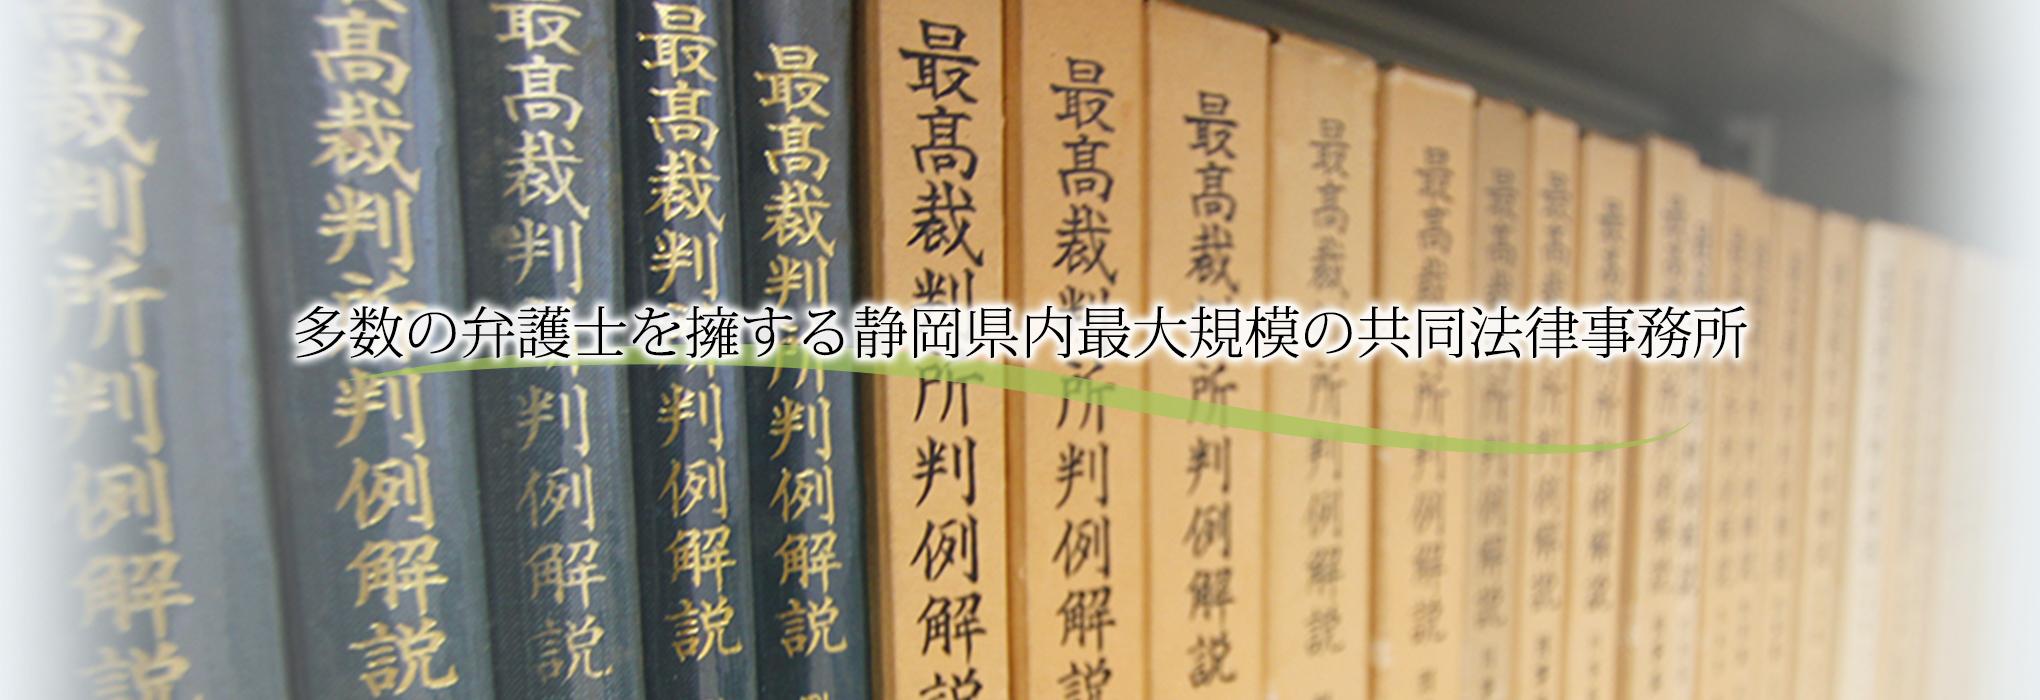 多数の弁護士を要する静岡県内最大規模の共同法律事務所